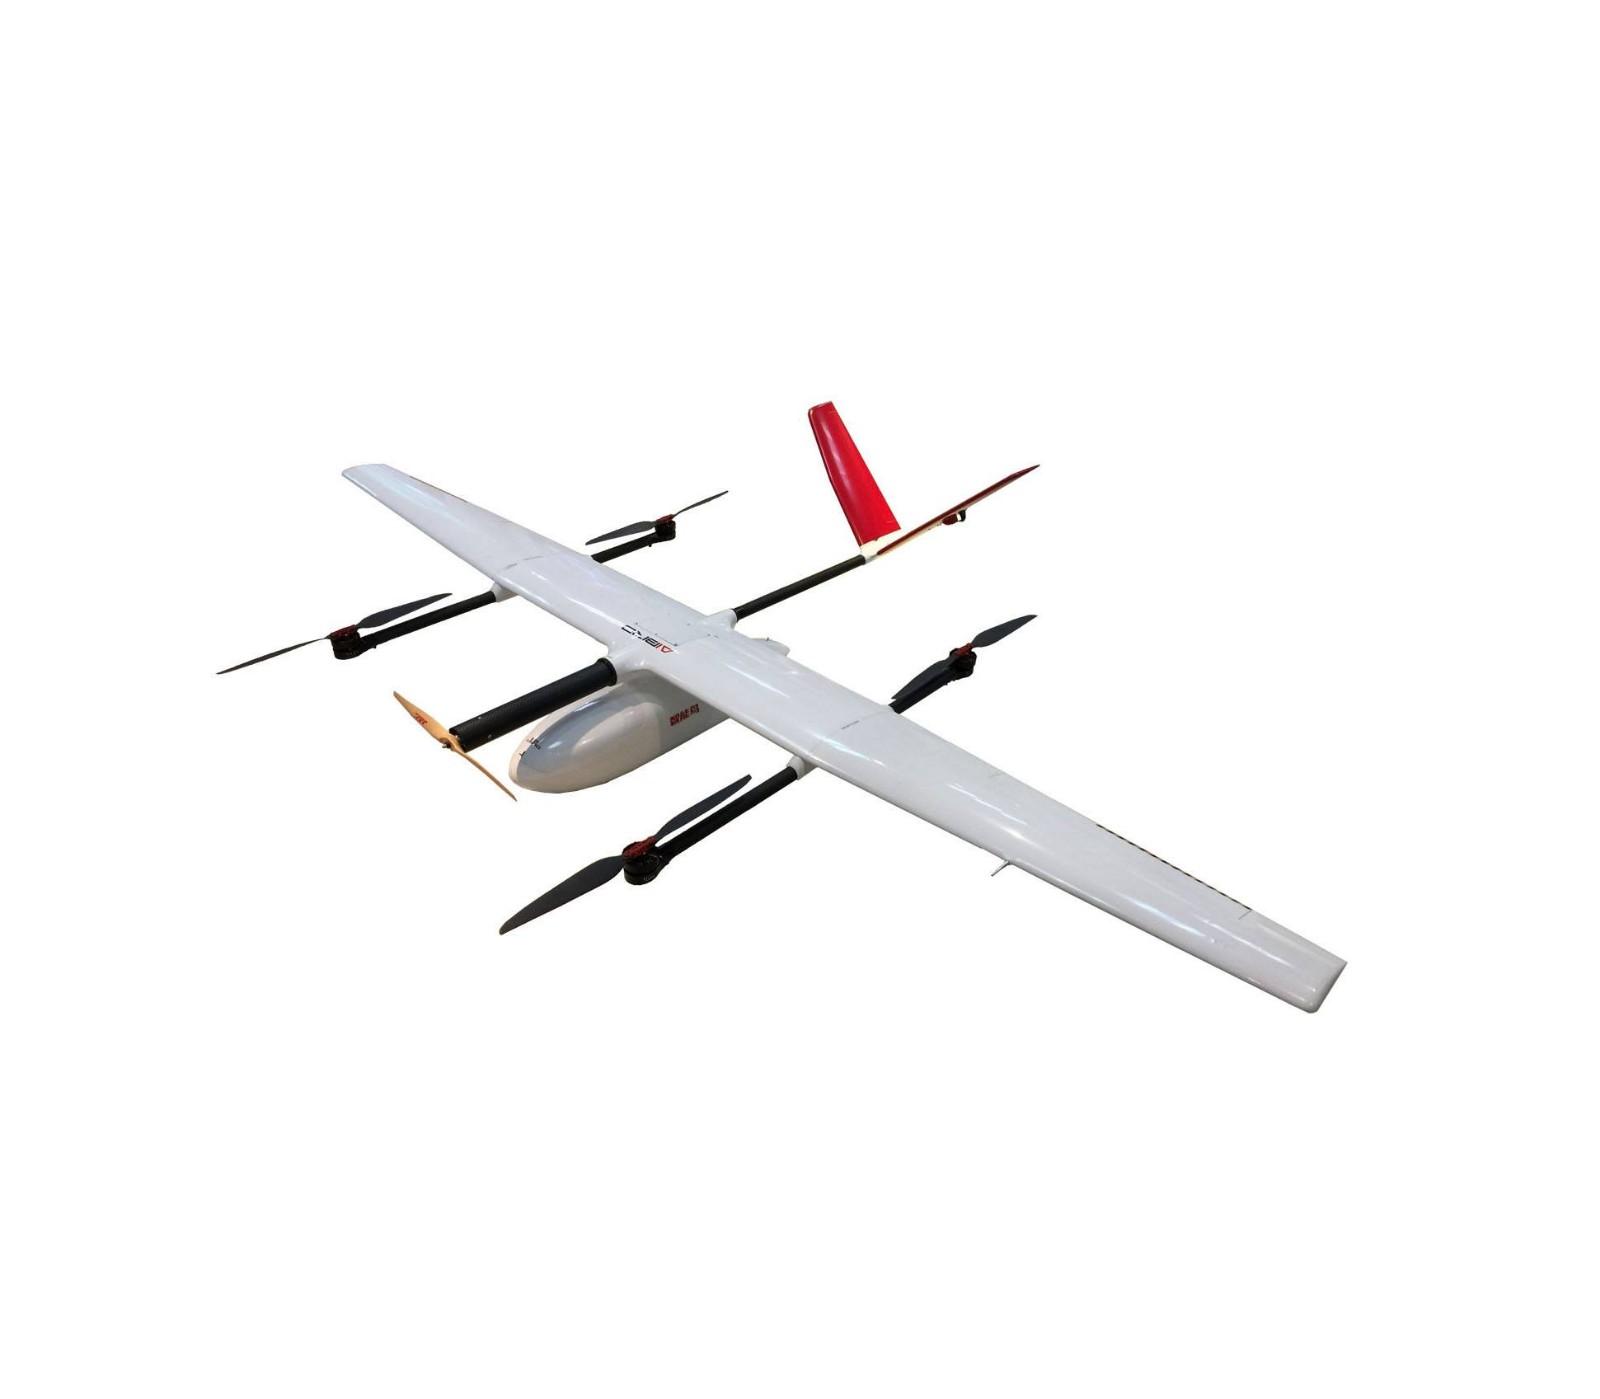 垂直起降固定翼取证班